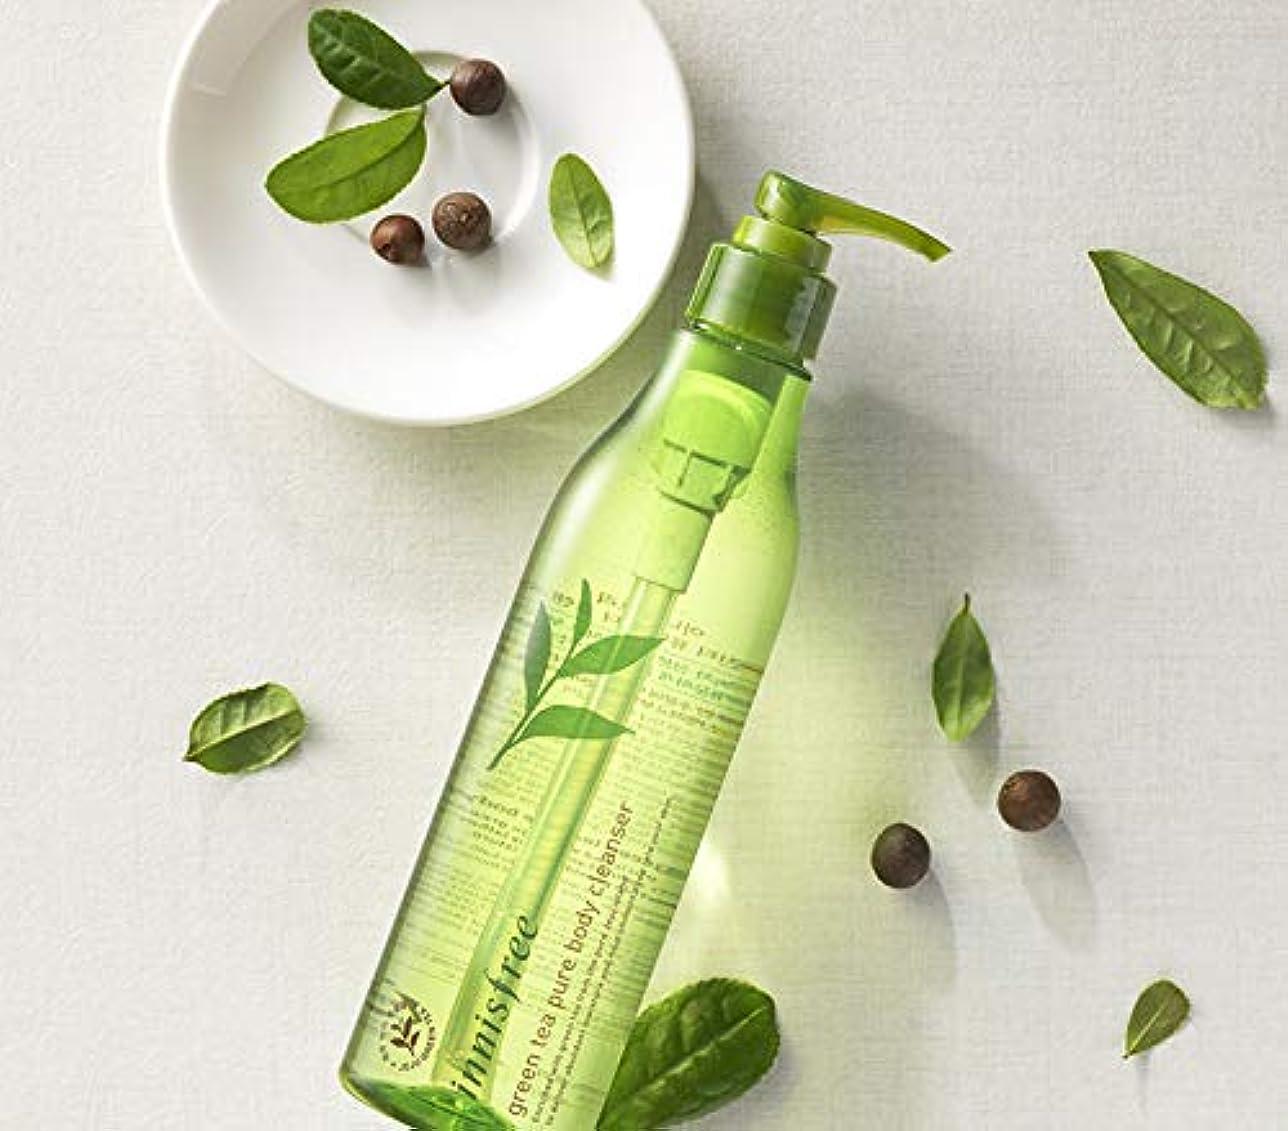 習字びっくりスキーム[イニスフリー.innisfree]グリーンティーピュアボディクレンザー300mL/ Green Tea Pure Body Cleanser